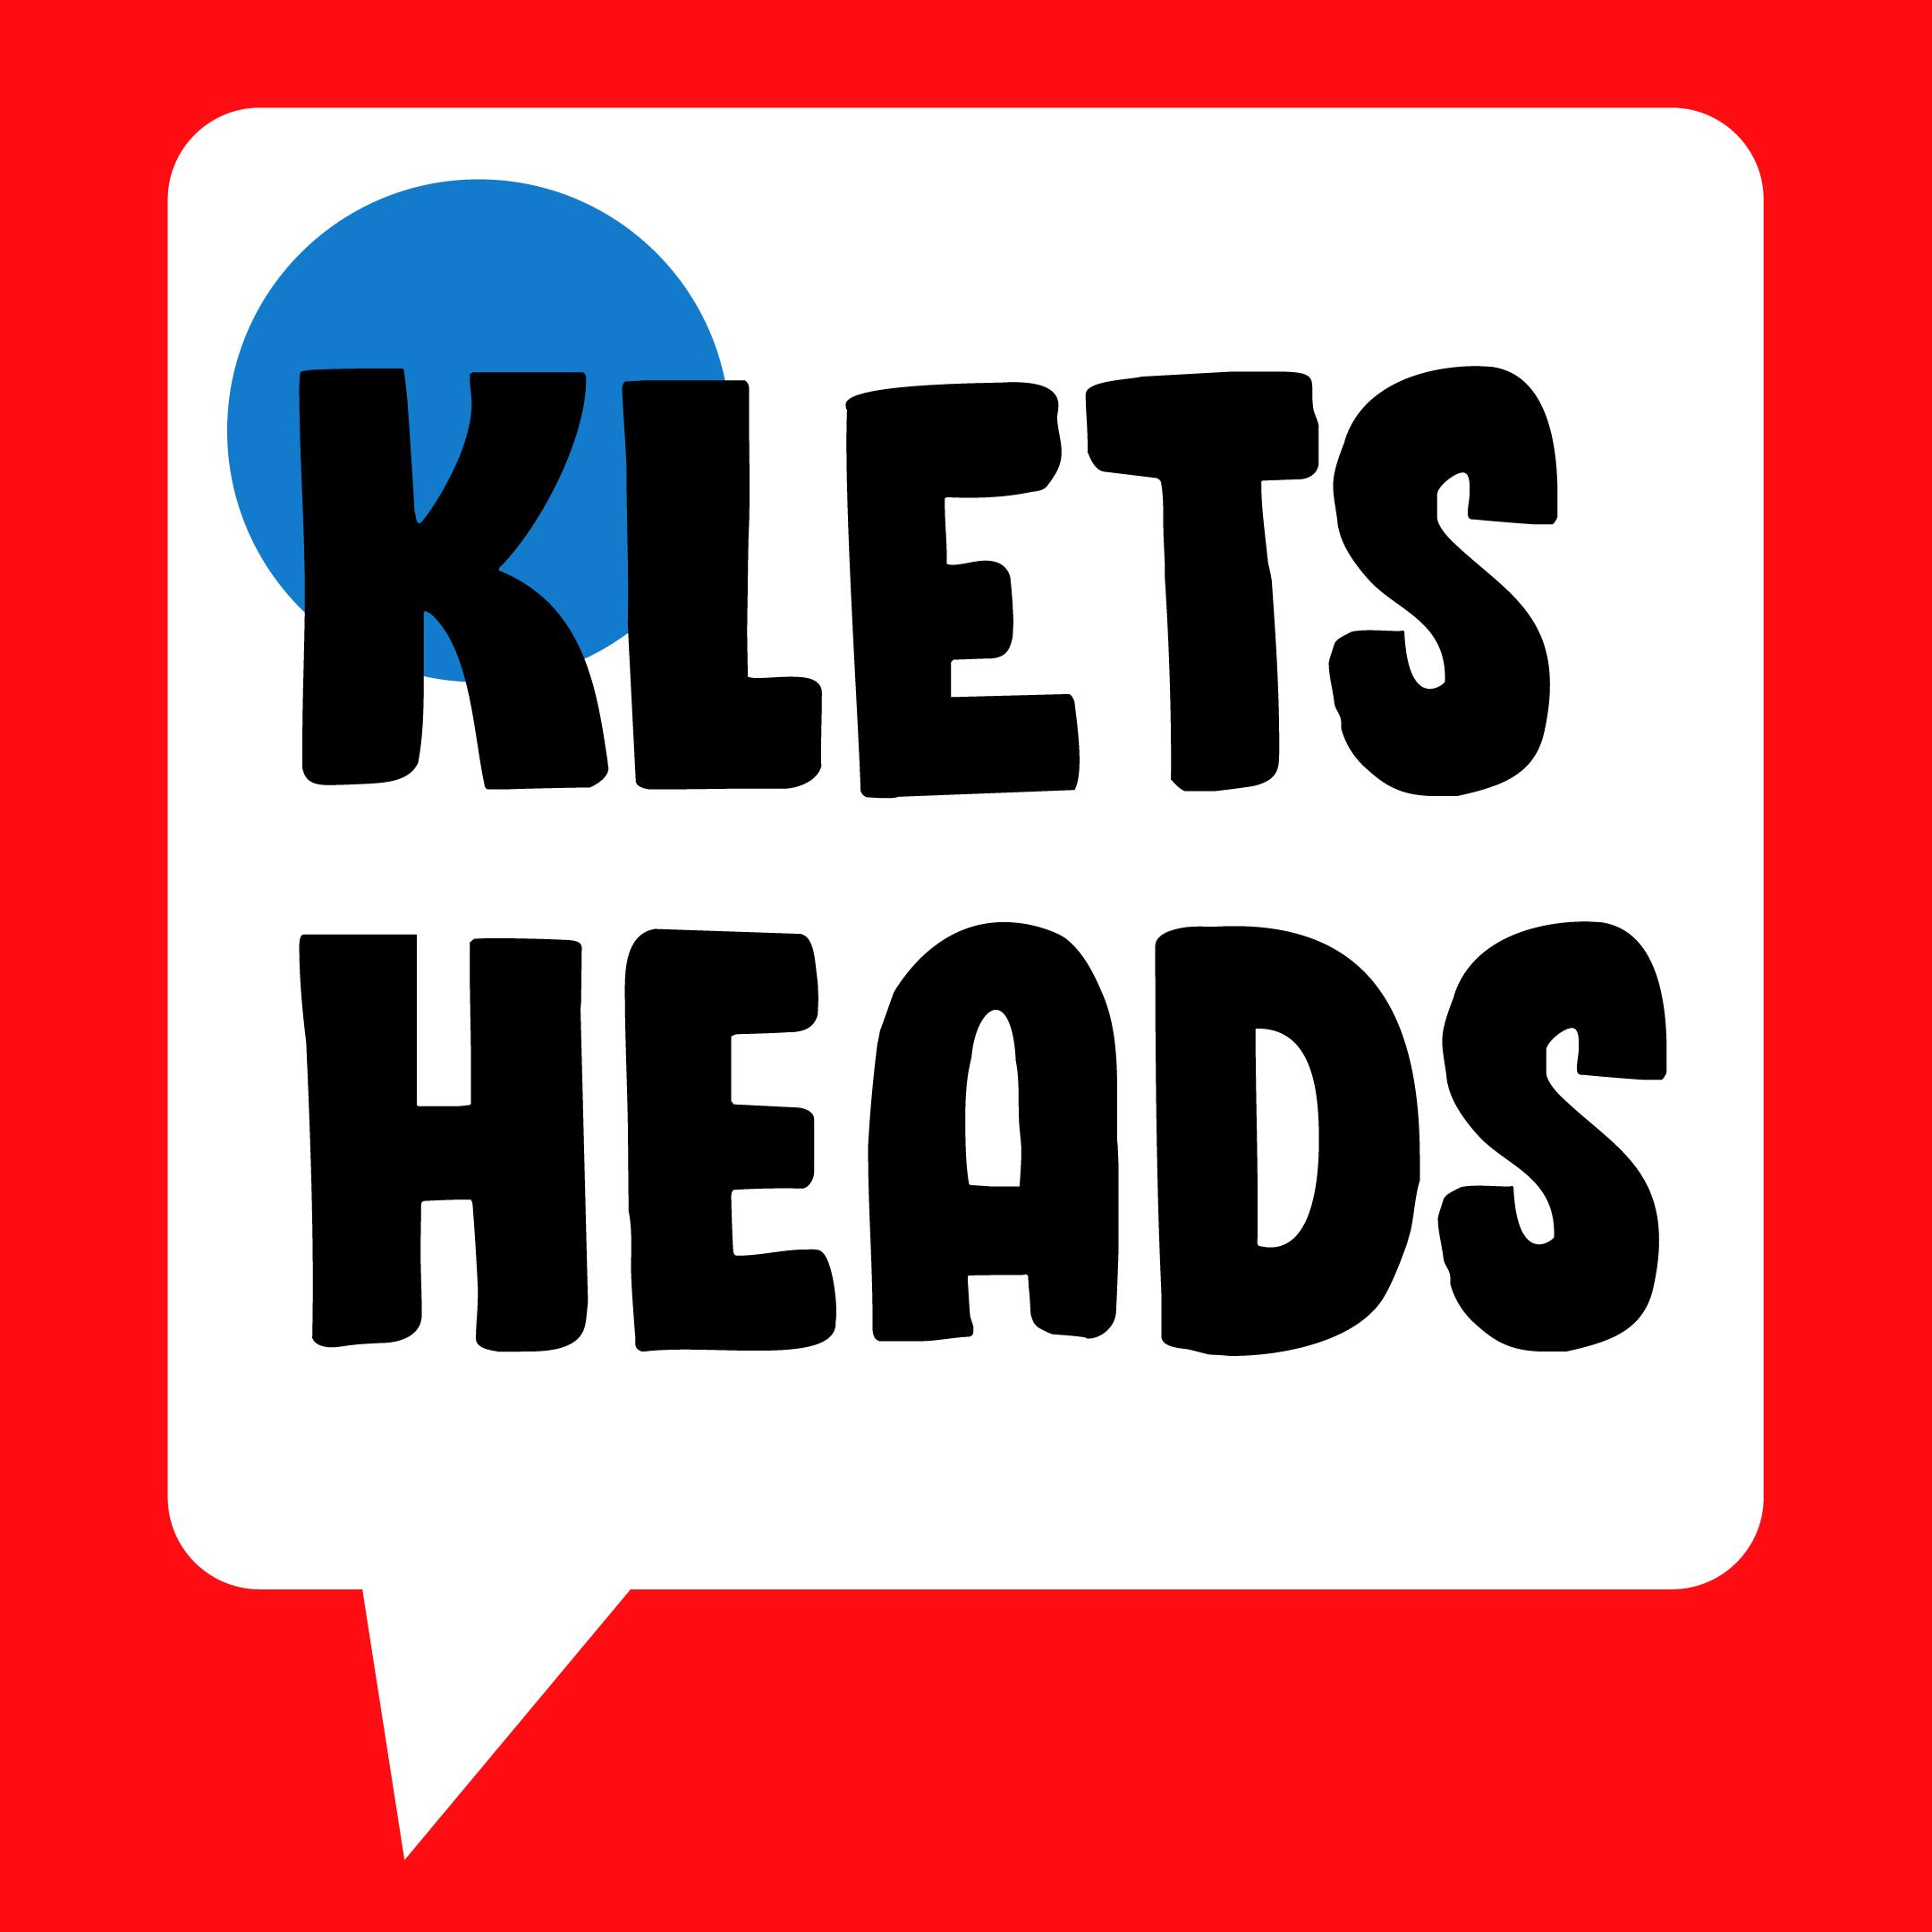 Kletsheads lezen voor (Seizoen 2, Extra aflevering 1)